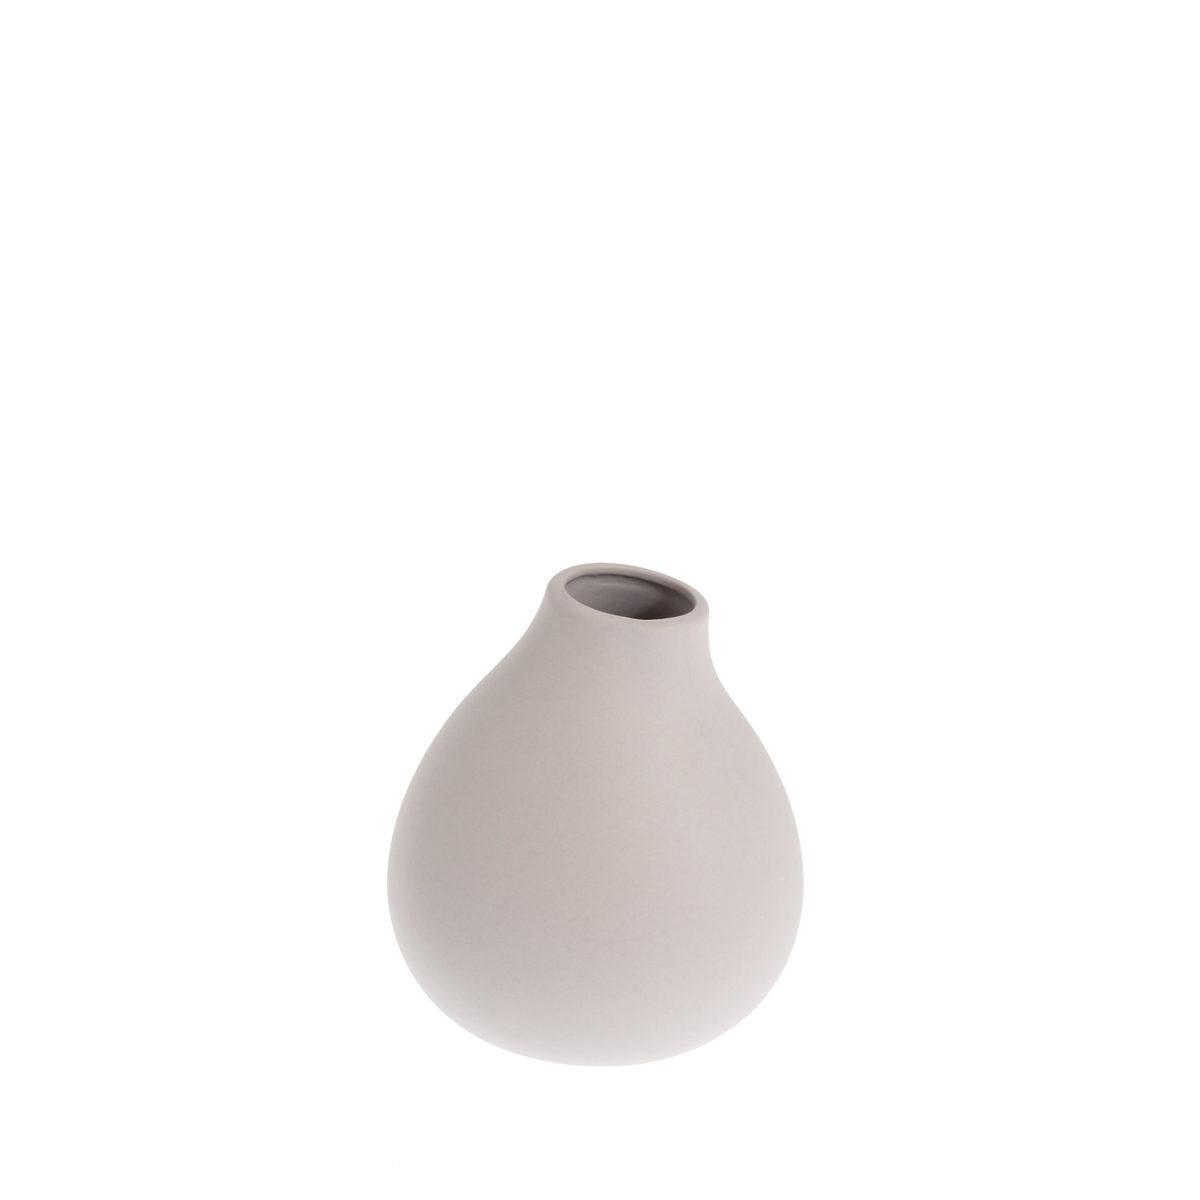 Nützlichdekoration - Storefactory Vase hellgrau - Onlineshop Tante Emmer